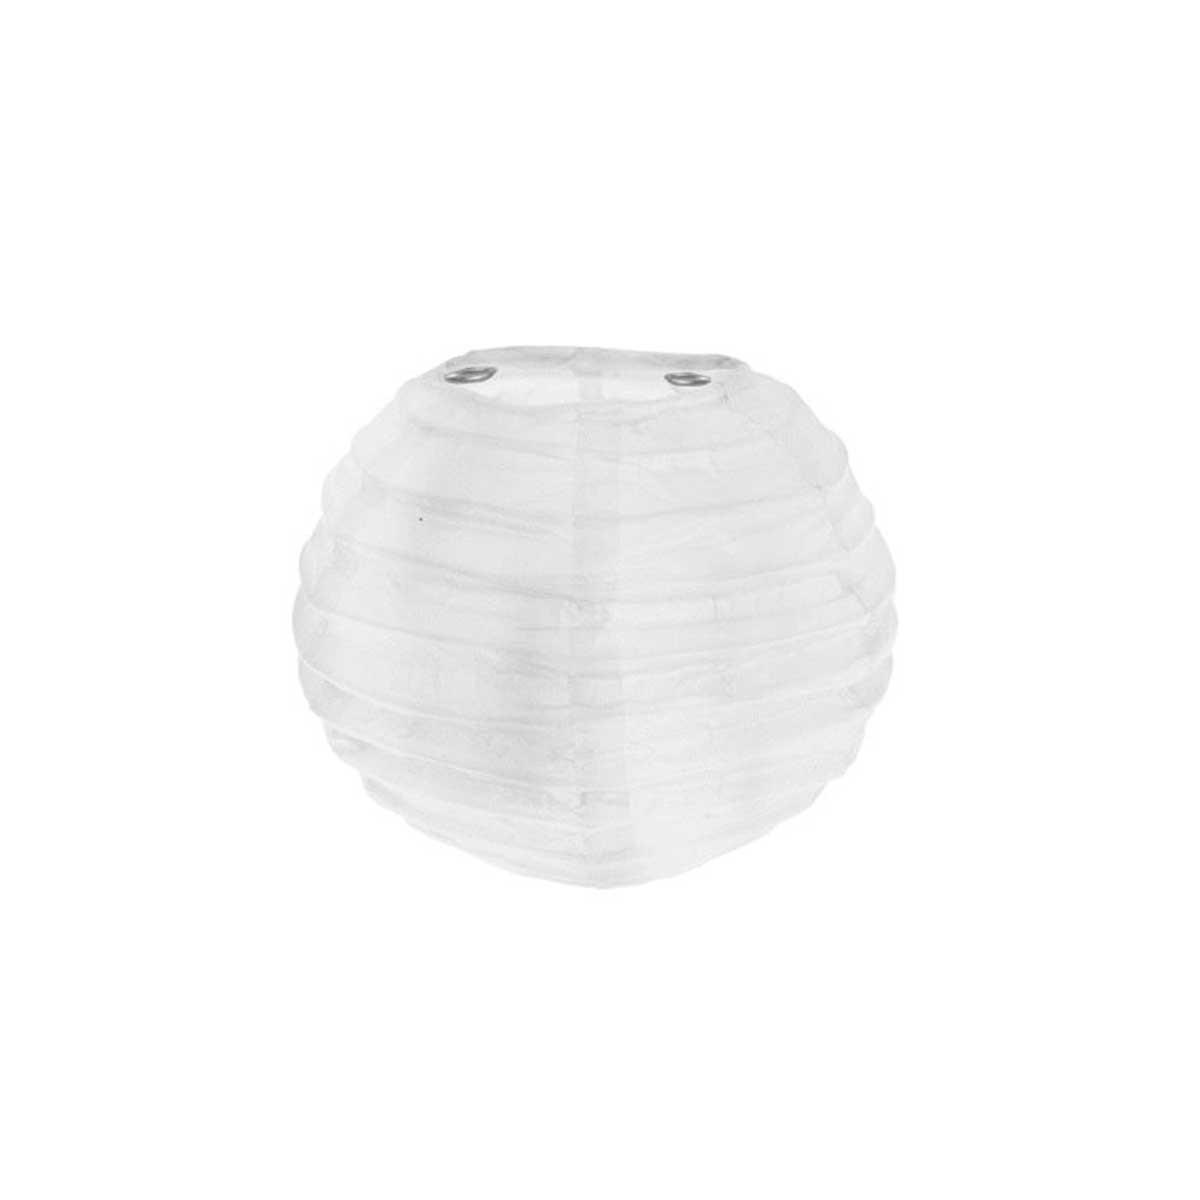 2x Mini Lanterne Papier 7.5cm